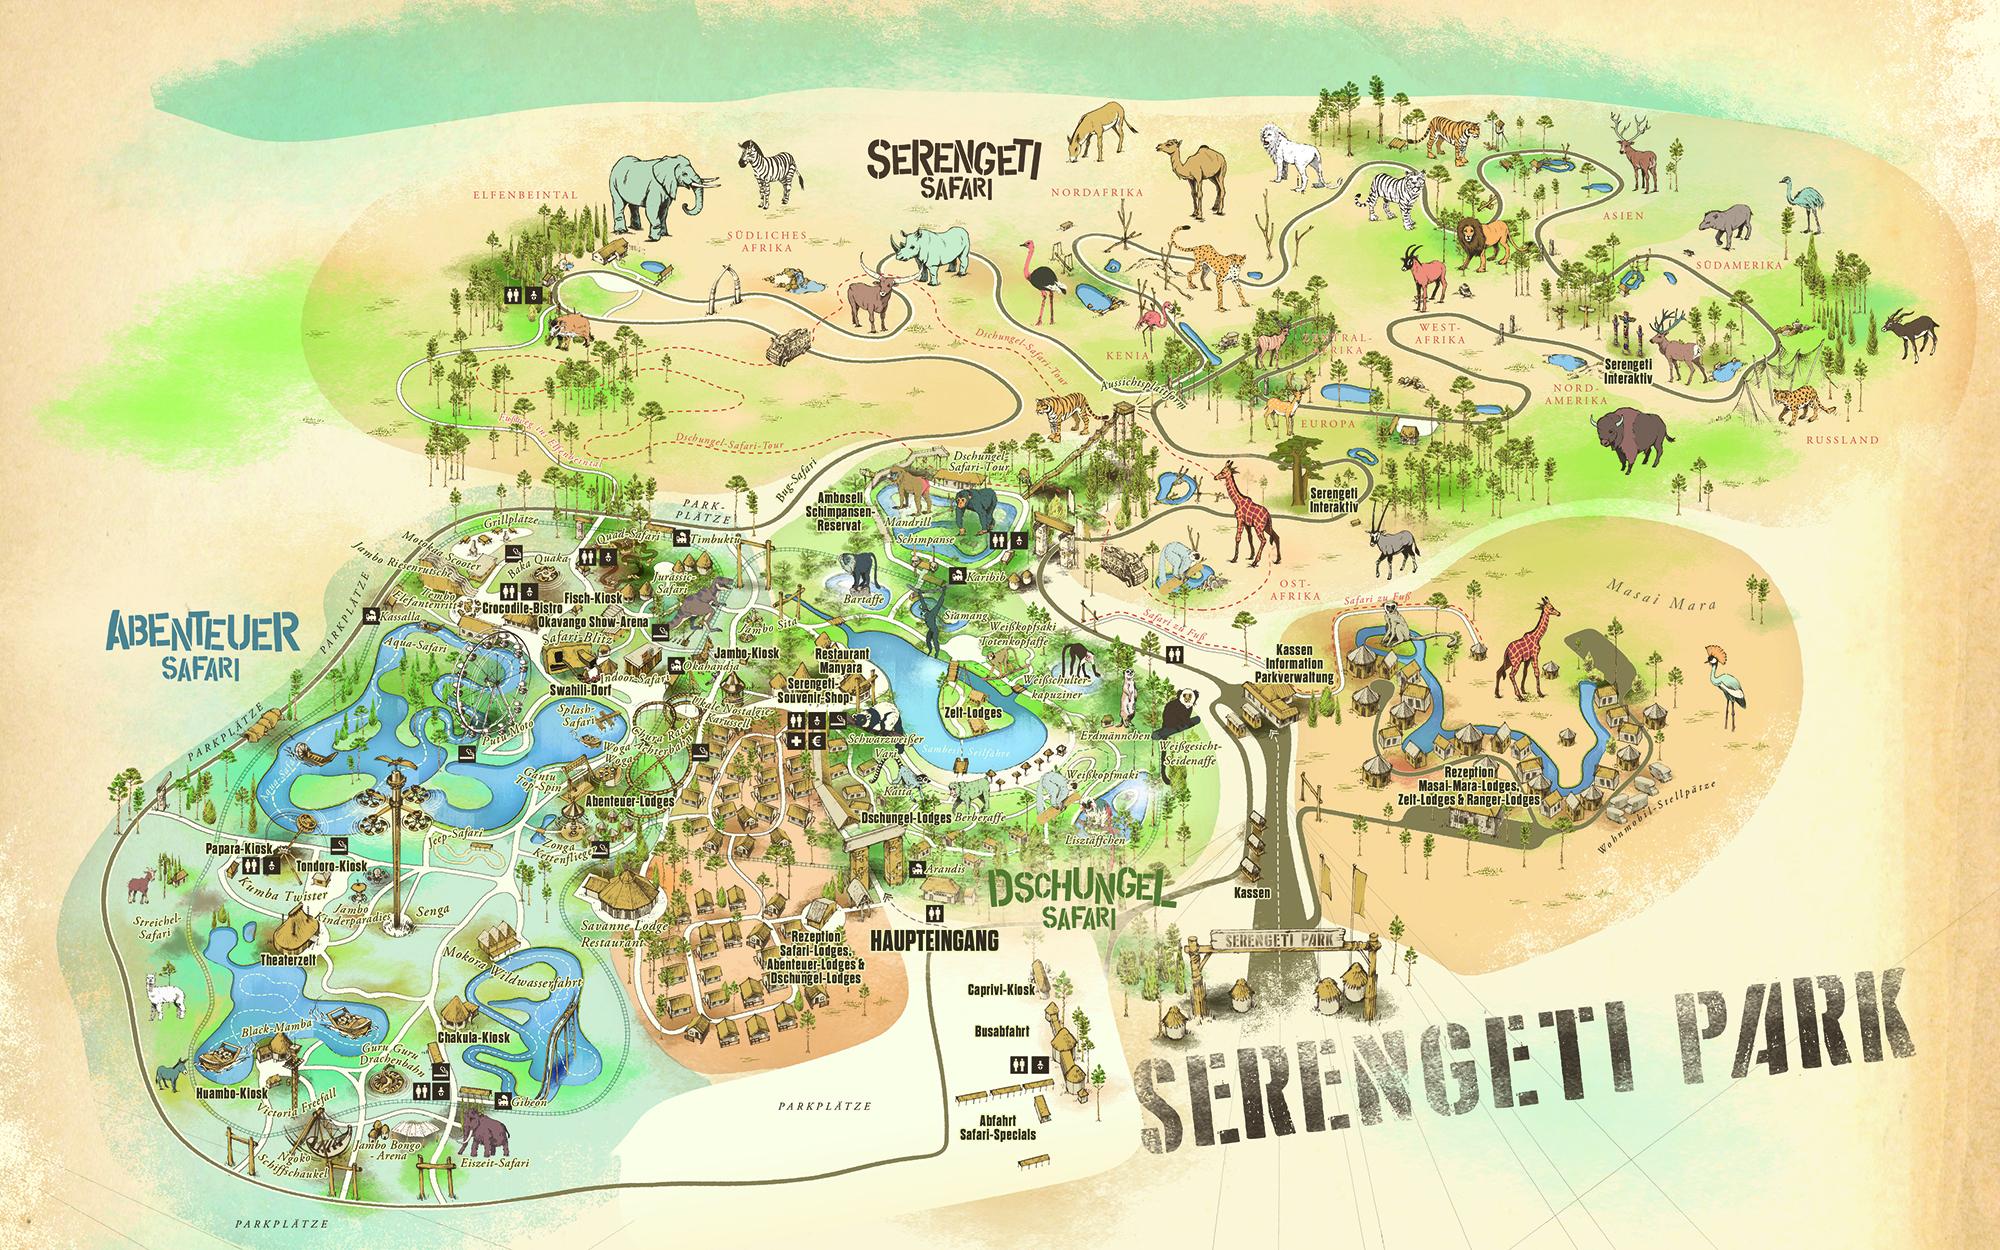 Parkplan 2019 Serengeti-Park Hodenhagen